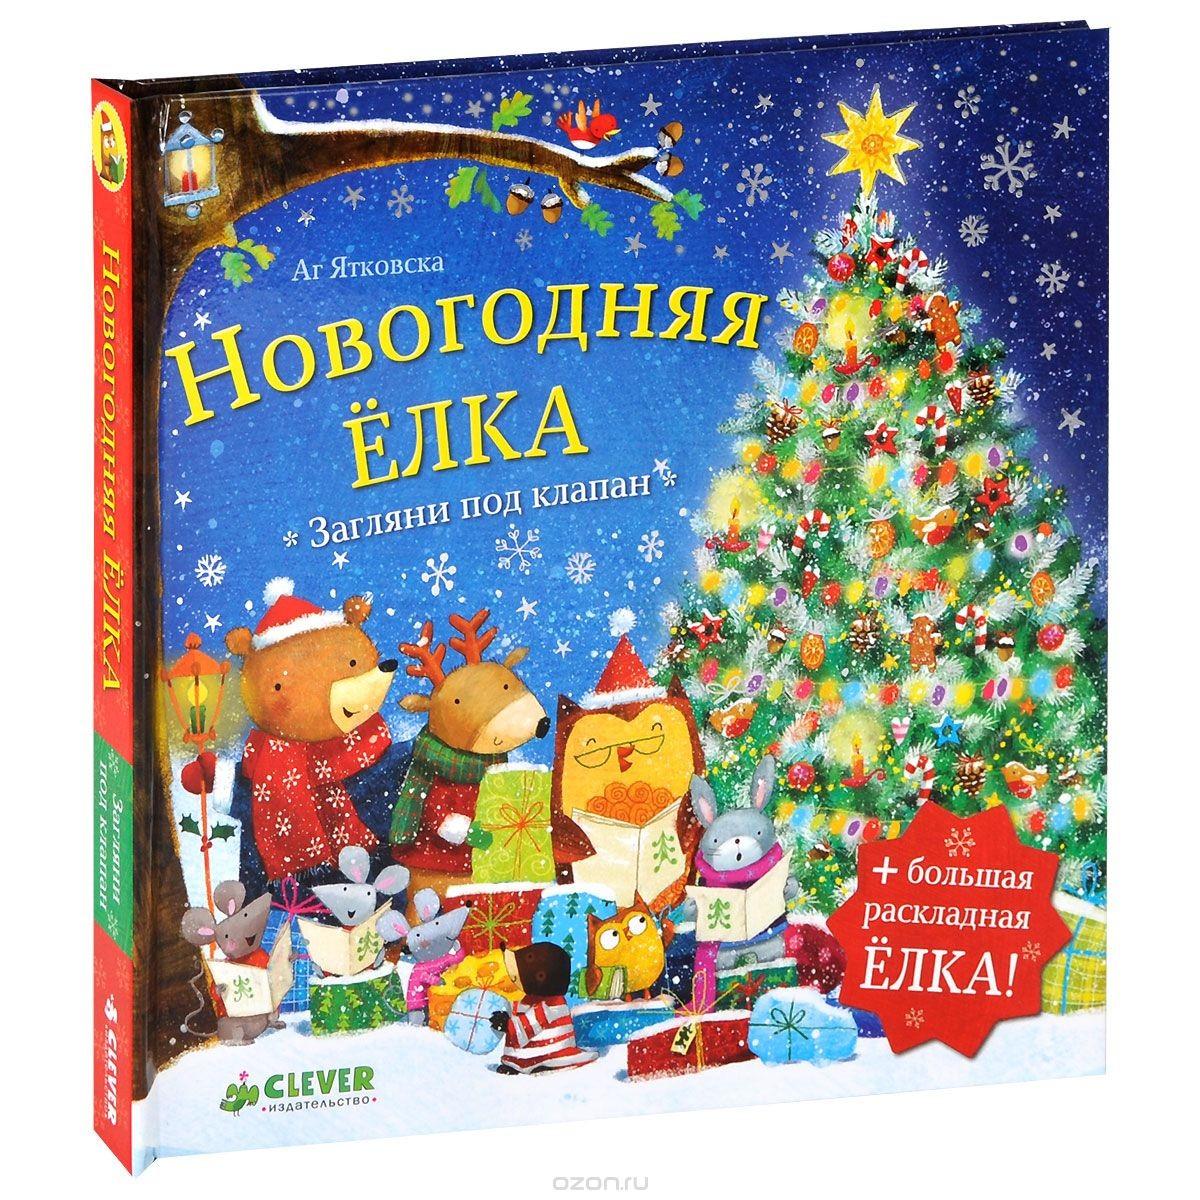 Детская книга Новогодняя елка